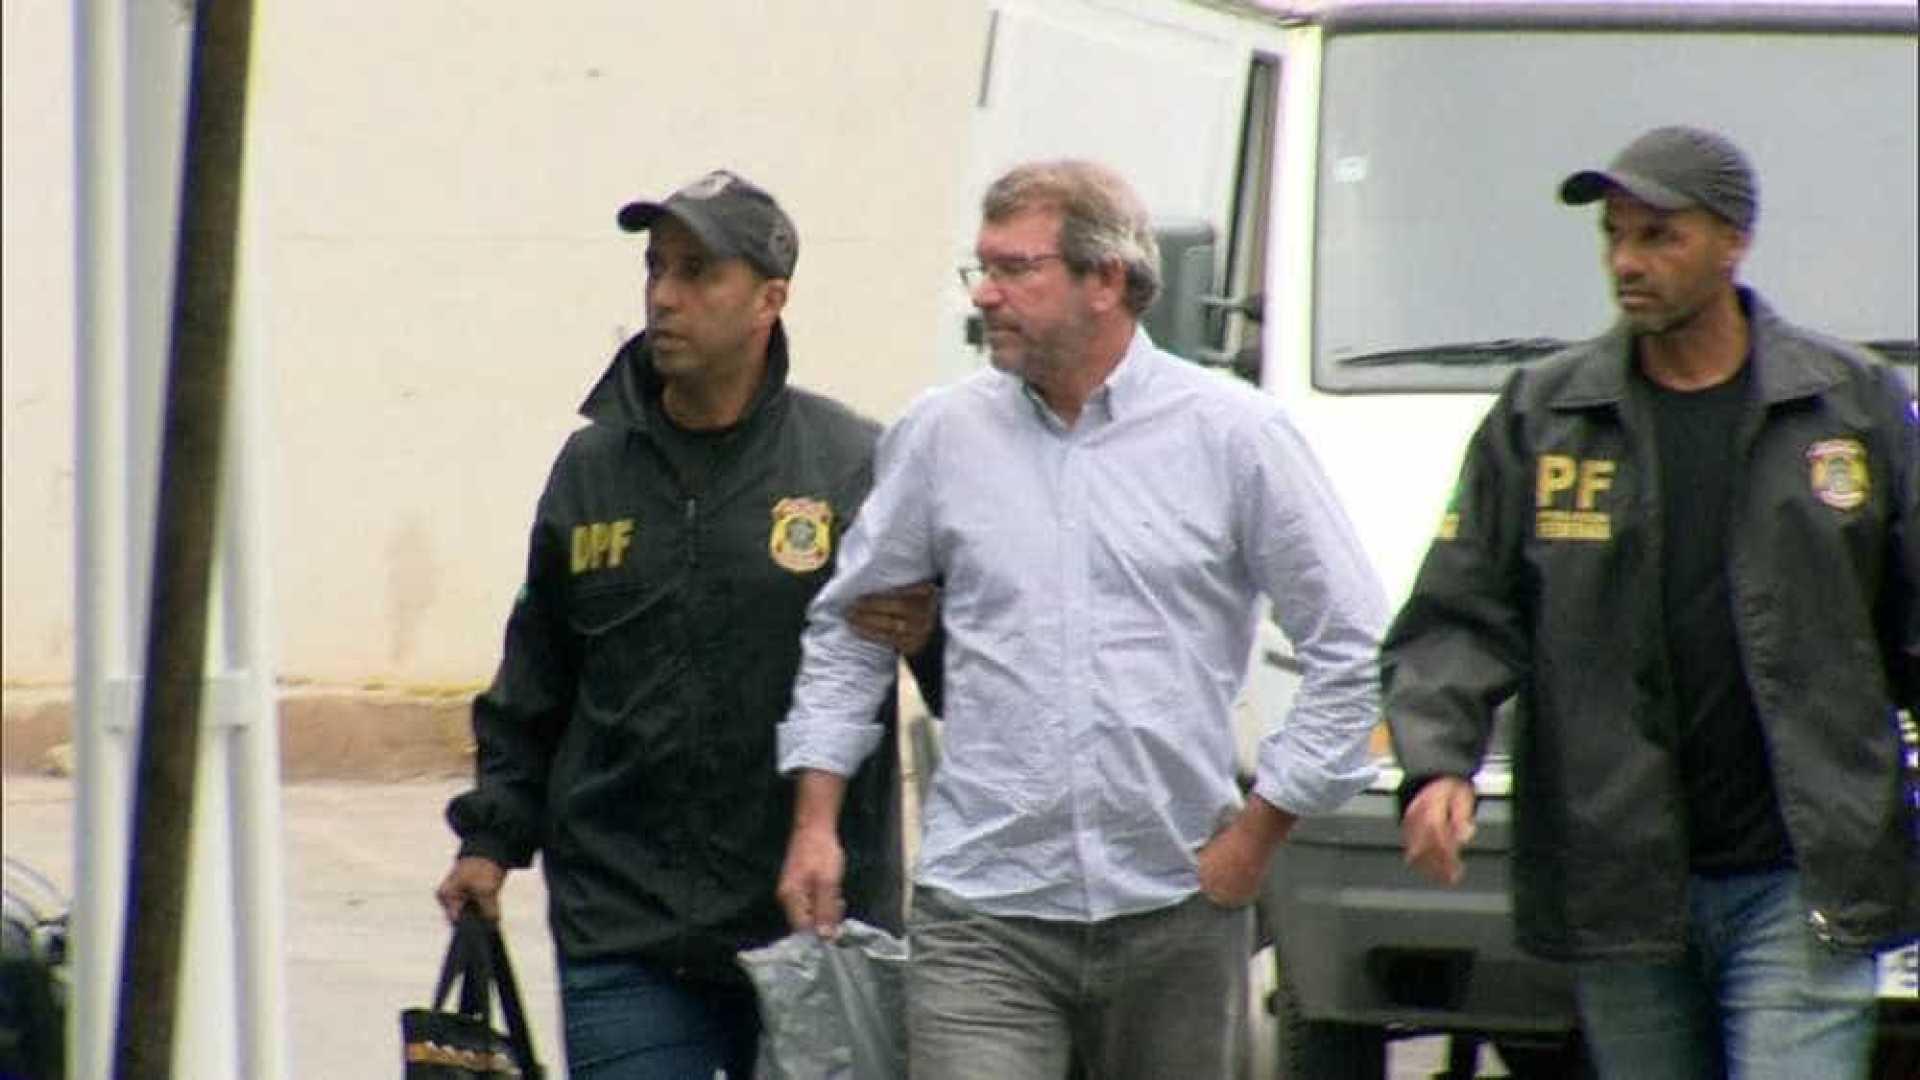 Banqueiro Eduardo Plass paga fiança de R$ 90,6 milhões e sai da prisão